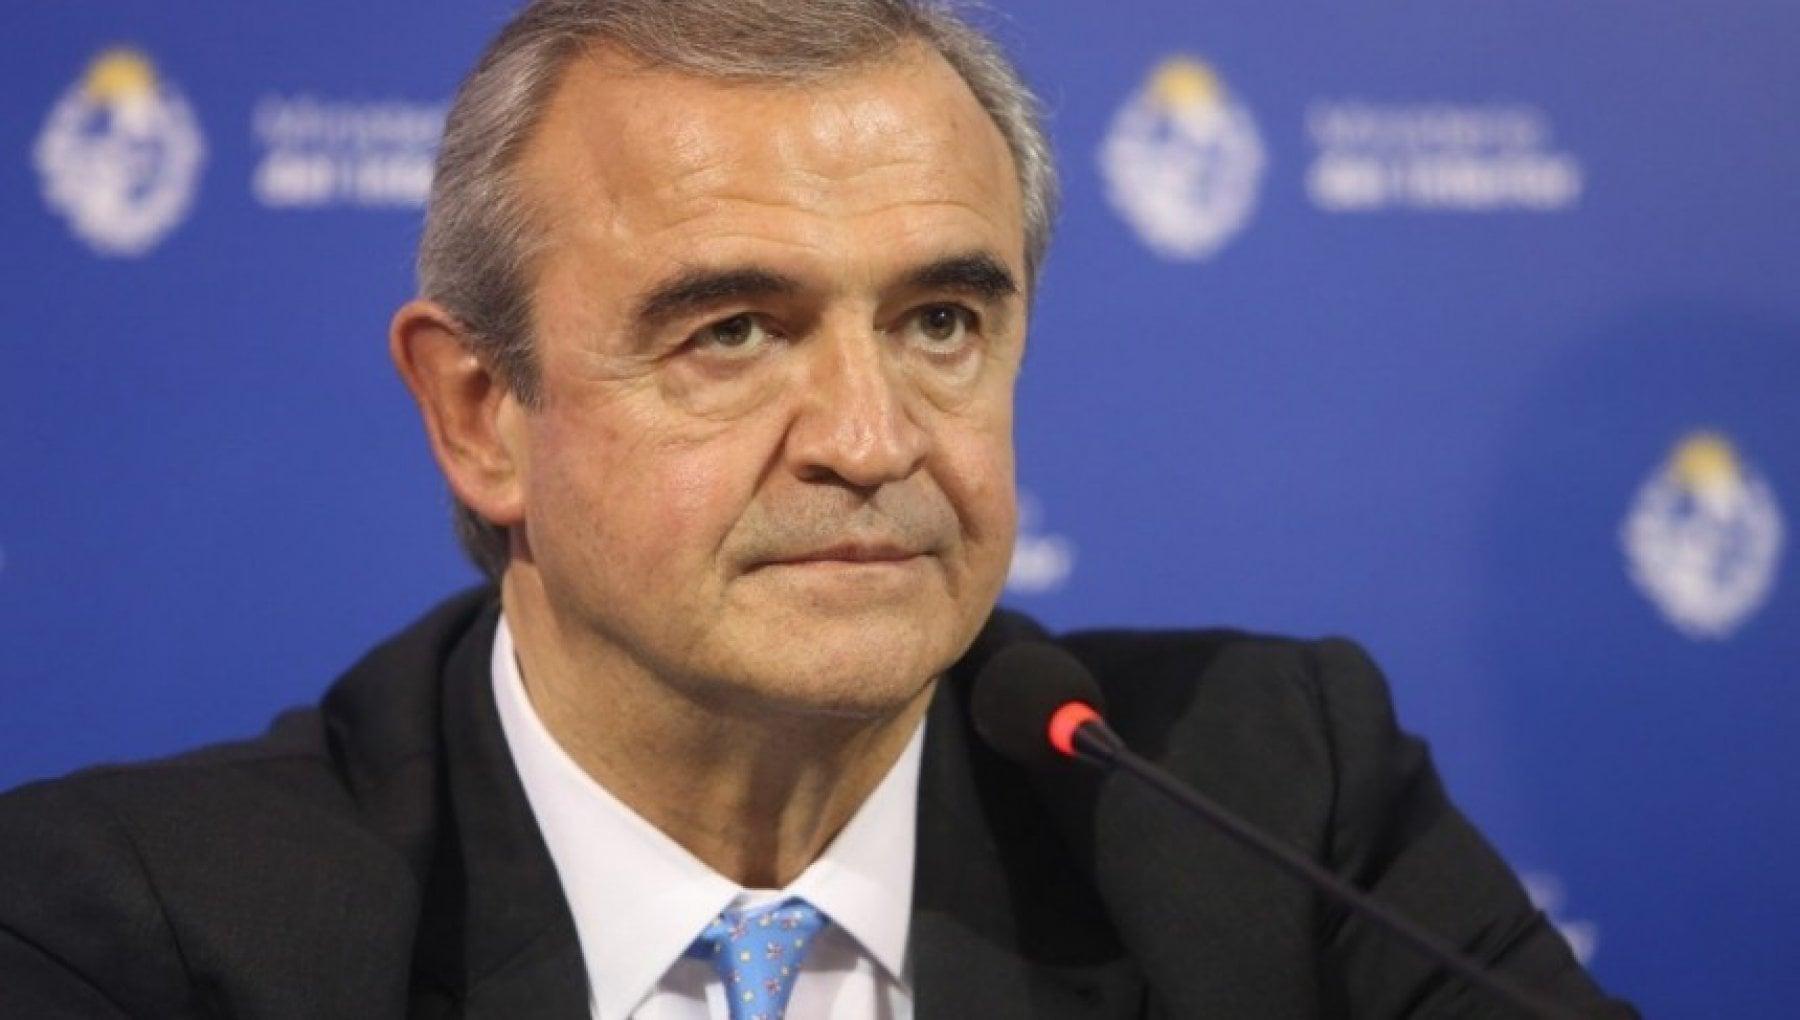 052439975 03ca4886 658e 4348 81ef 3831324ed599 - Uruguay: morto d'infarto il ministro dell'Interno Larrañaga